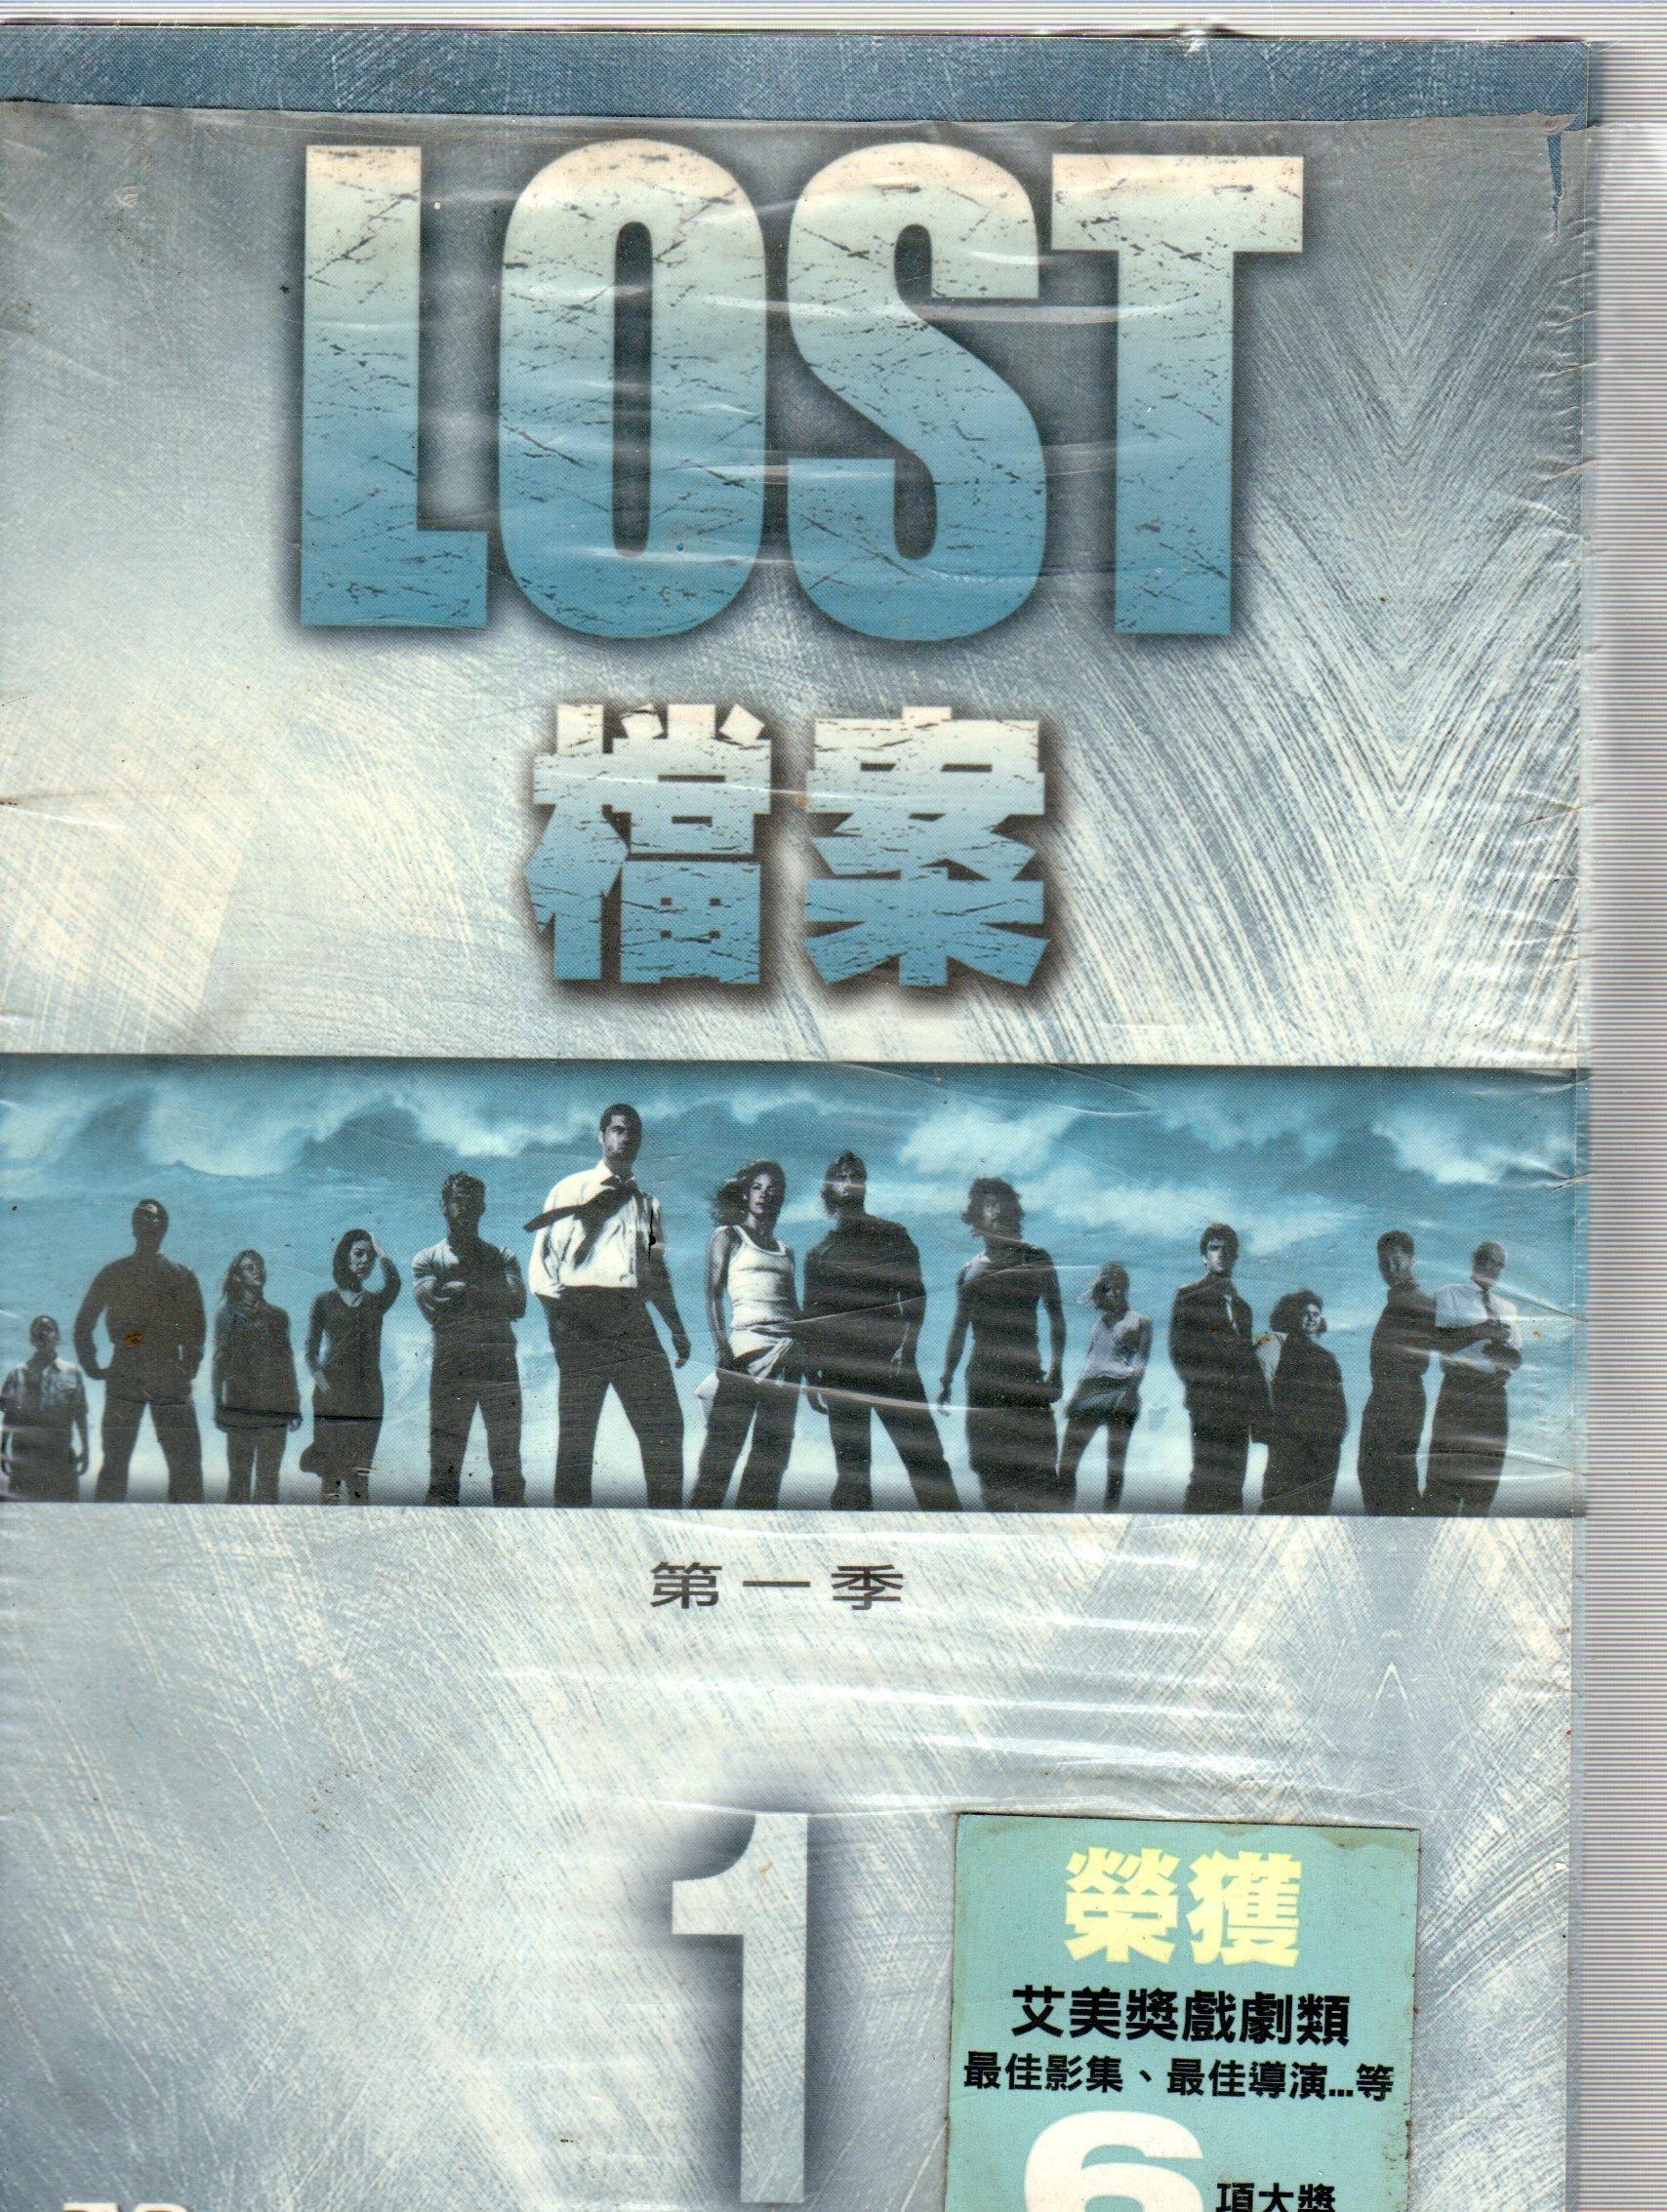 *老闆跑路*LOST檔案第一季 7碟裝DVD二手片,下標即賣,請看關於我